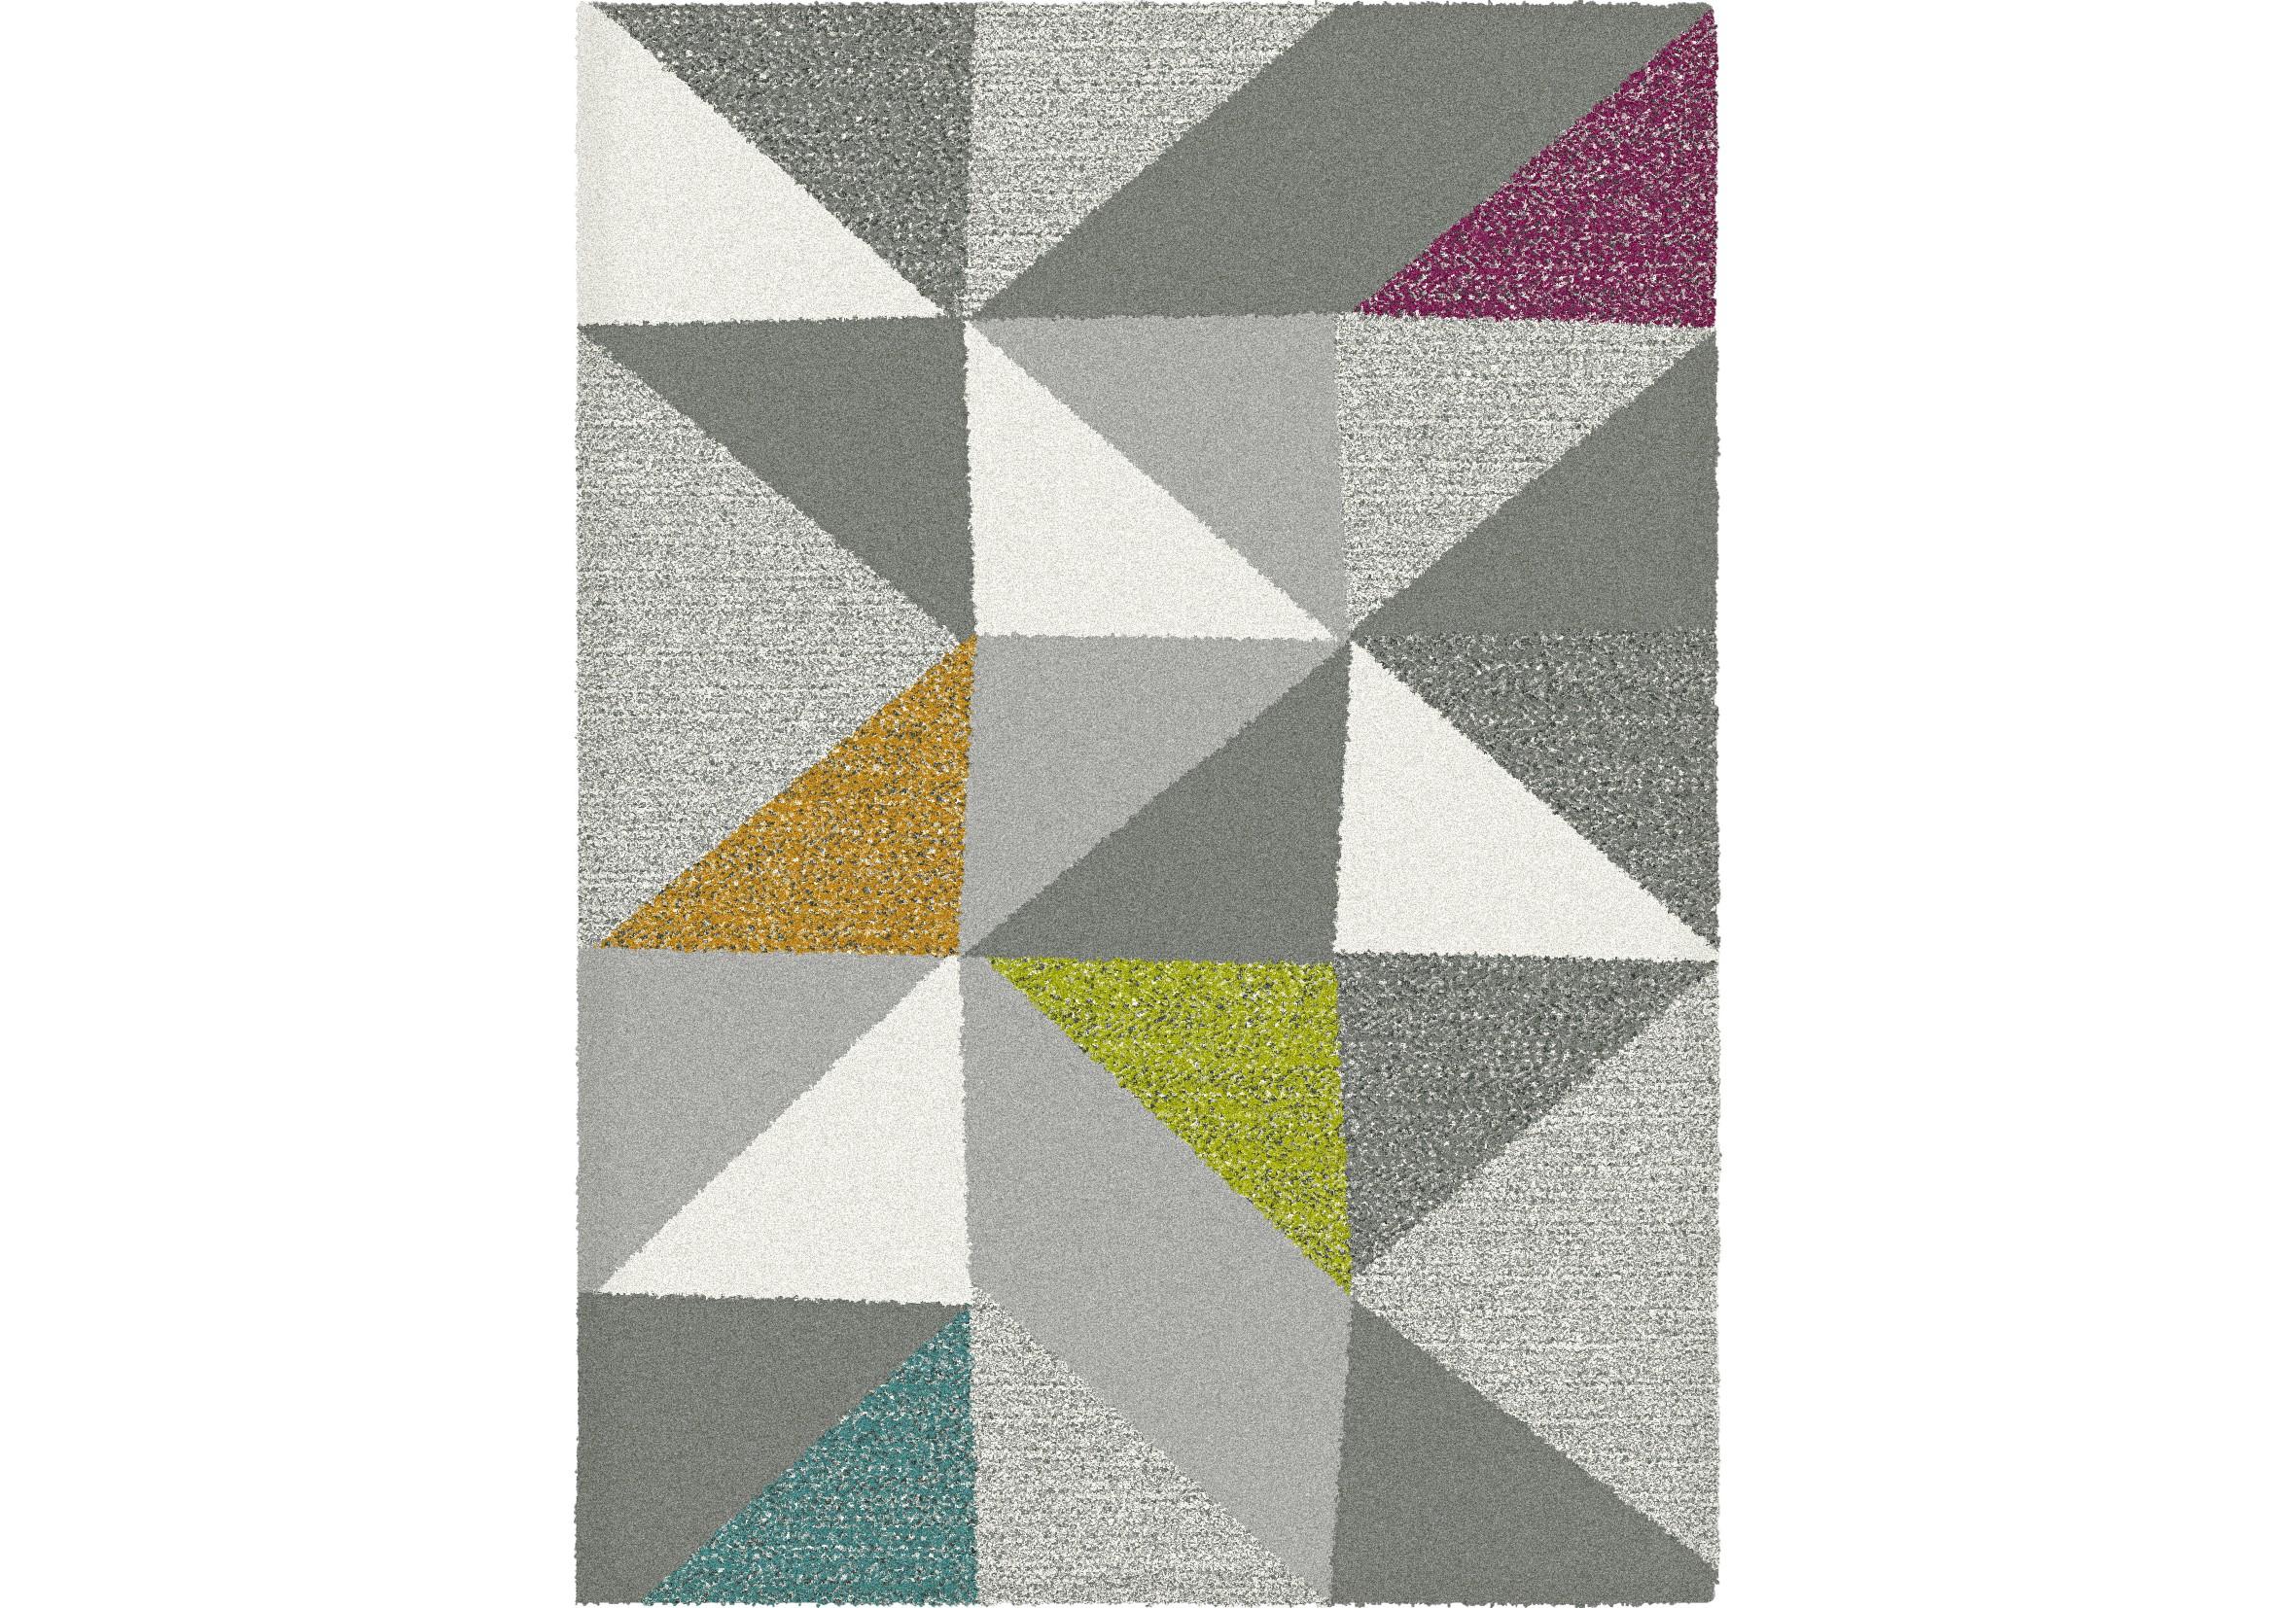 Ковер Sprinkle 200х140Прямоугольные ковры<br>Материал: 100% Полипропилен.<br><br>Material: Текстиль<br>Ширина см: 200<br>Глубина см: 140